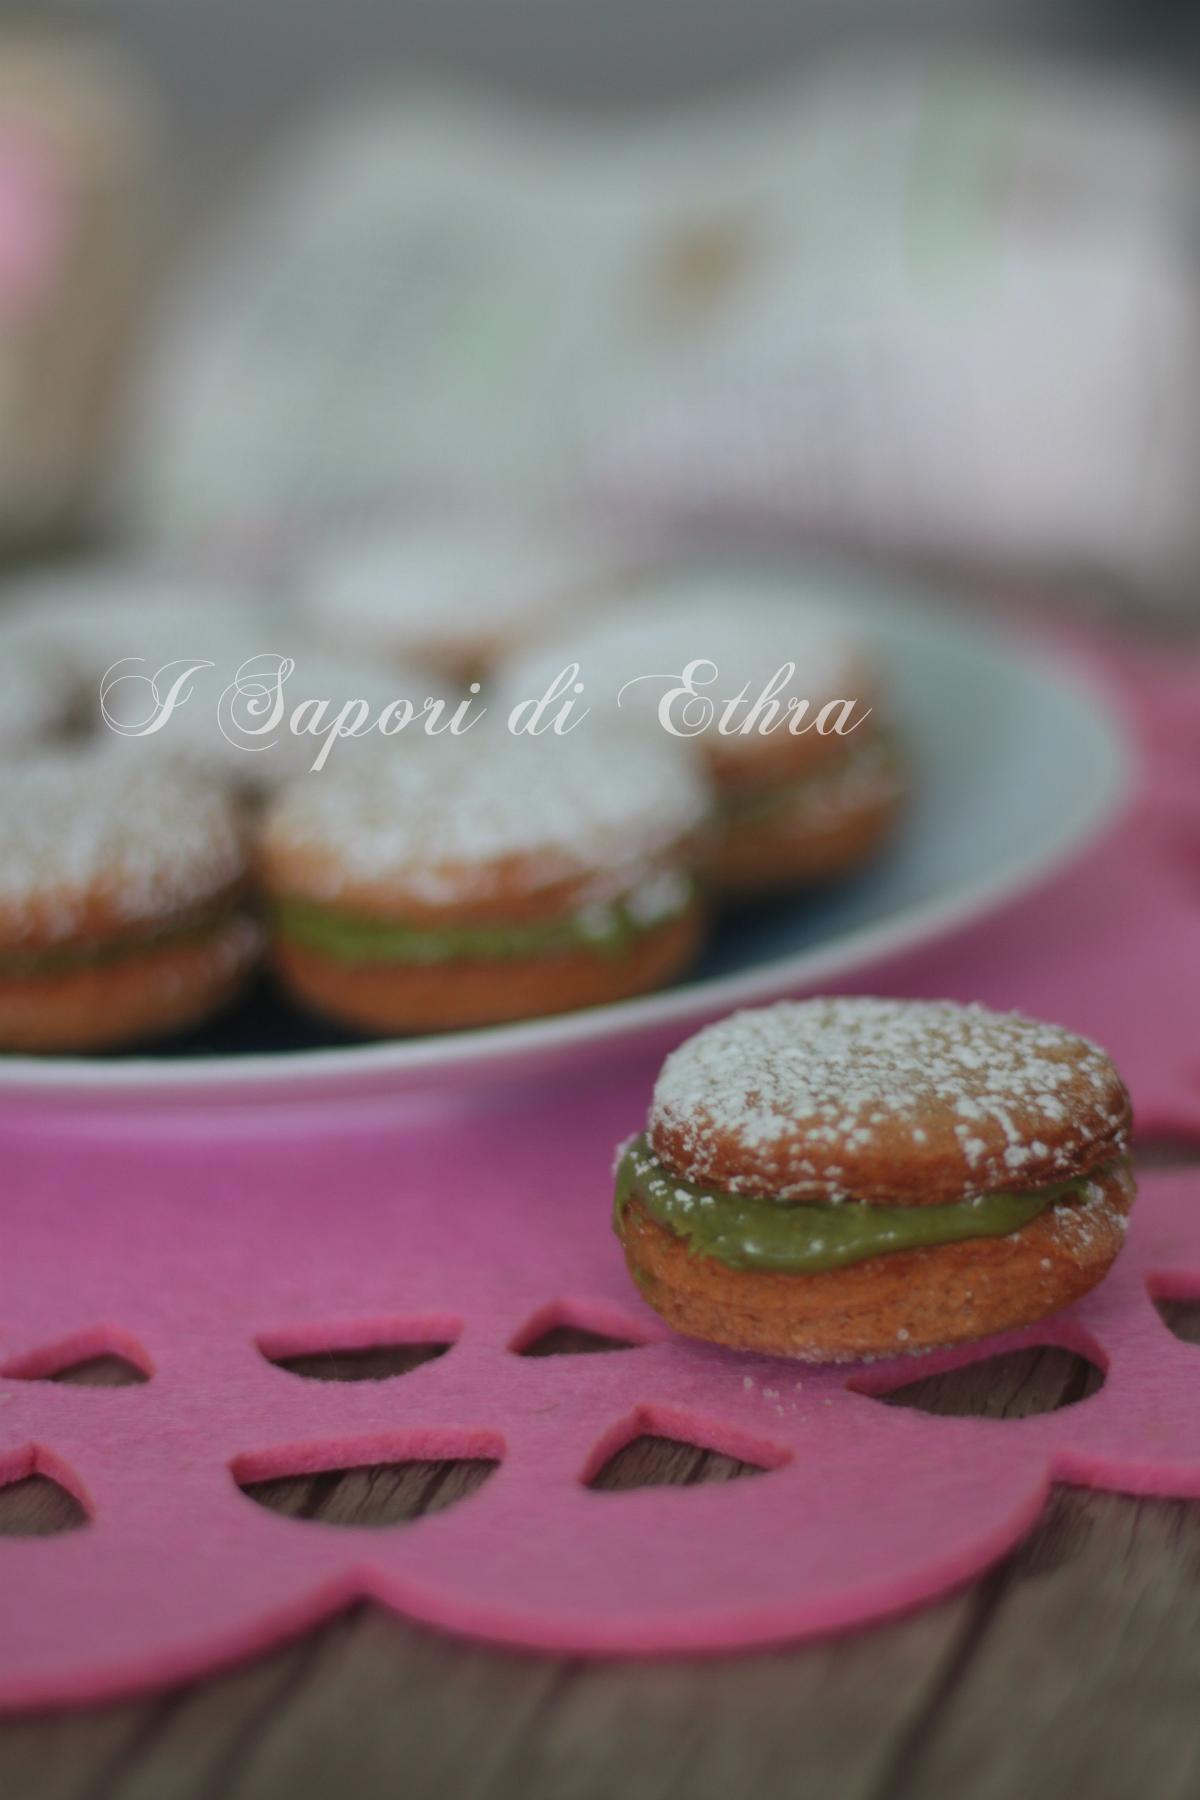 Biscotti di castagne ripieni al pistacchio - I Sapori di Ethra